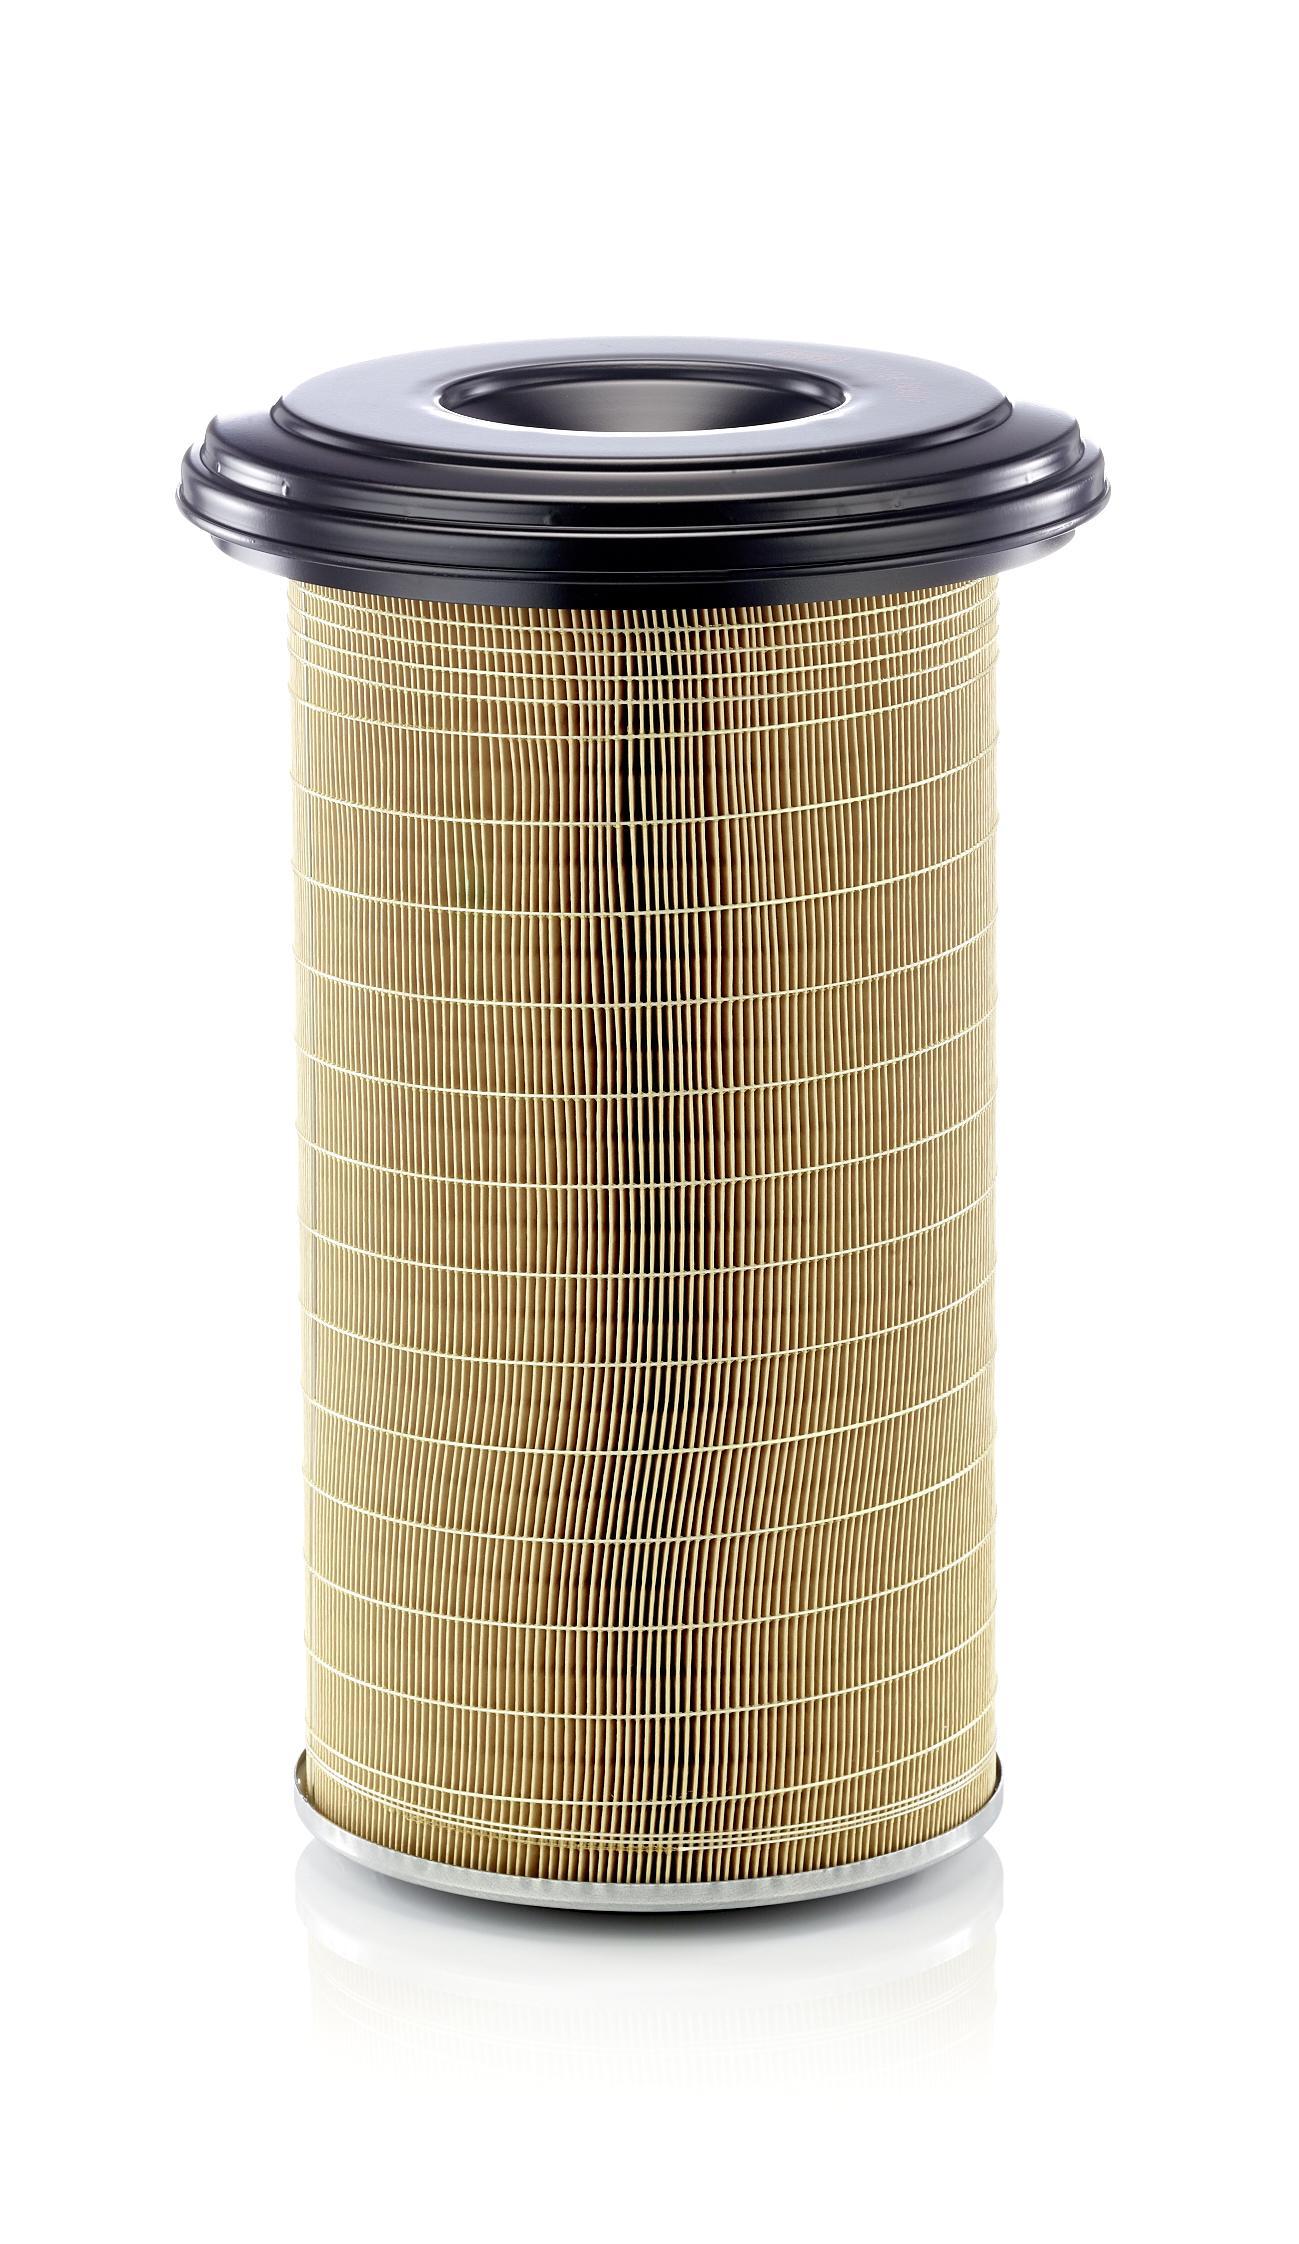 C 24 650/7 MANN-FILTER Luftfilter für SCANIA online bestellen